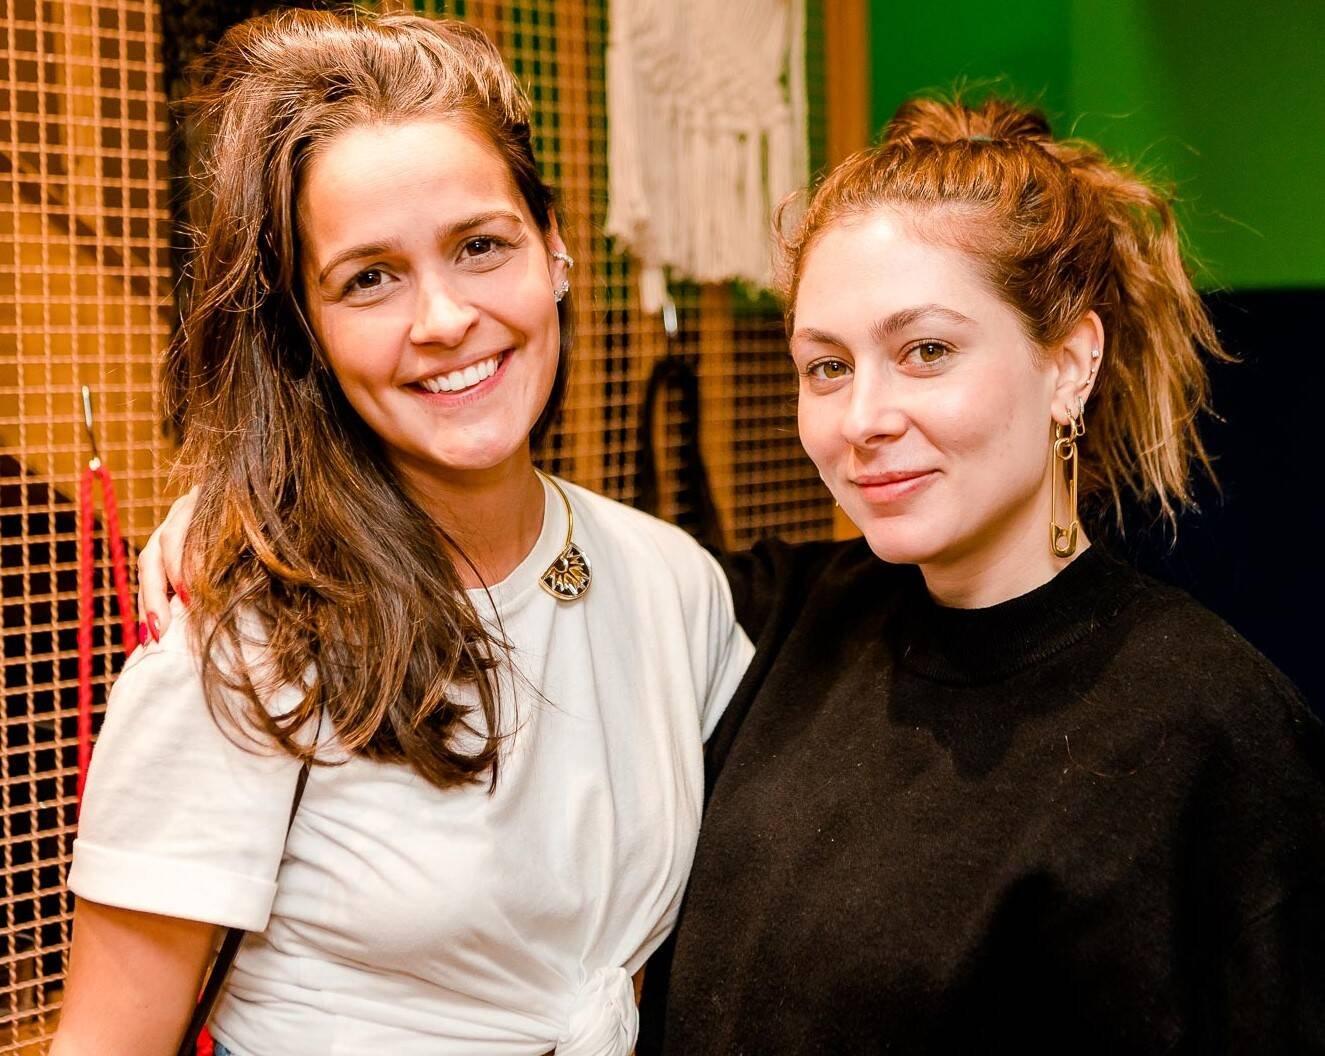 Maria Lunau e Roberta Blondie  /Foto: Bruno Ryfer